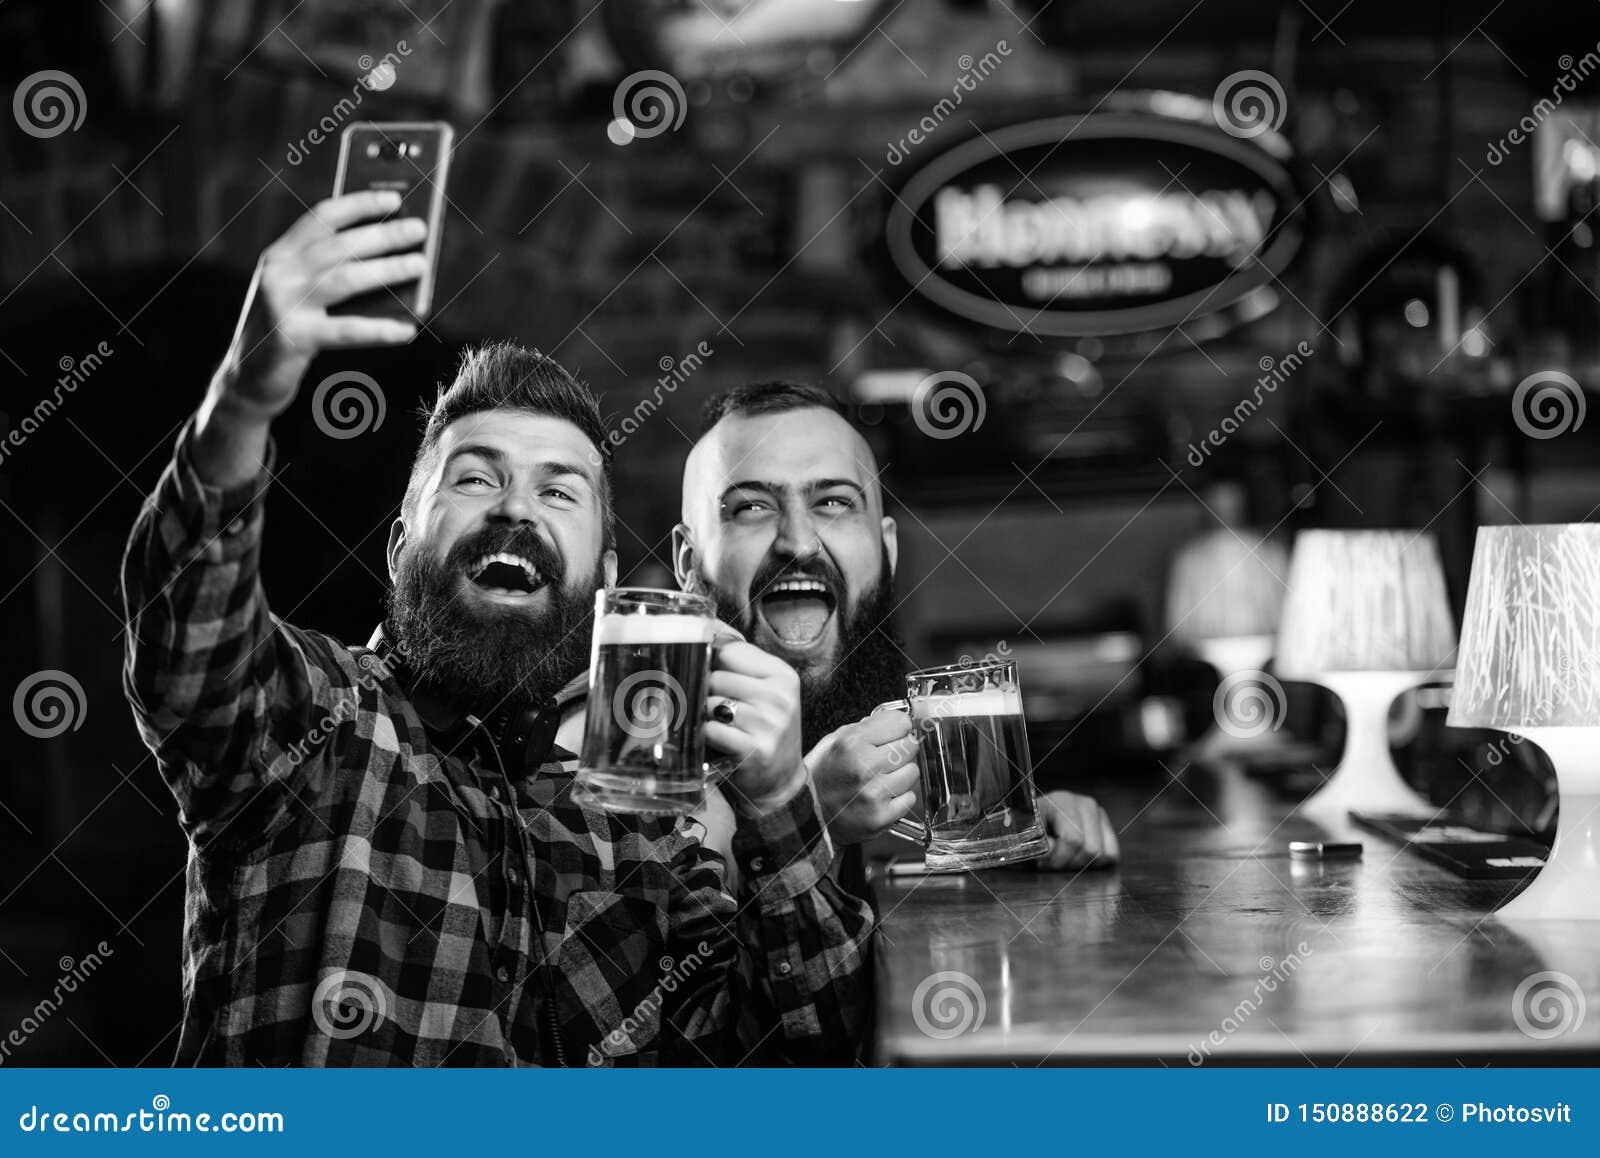 Online mededeling De greepsmartphone van mensen gebaarde hipster Het nemen van selfie concept Neem selfie foto om groot te herinn